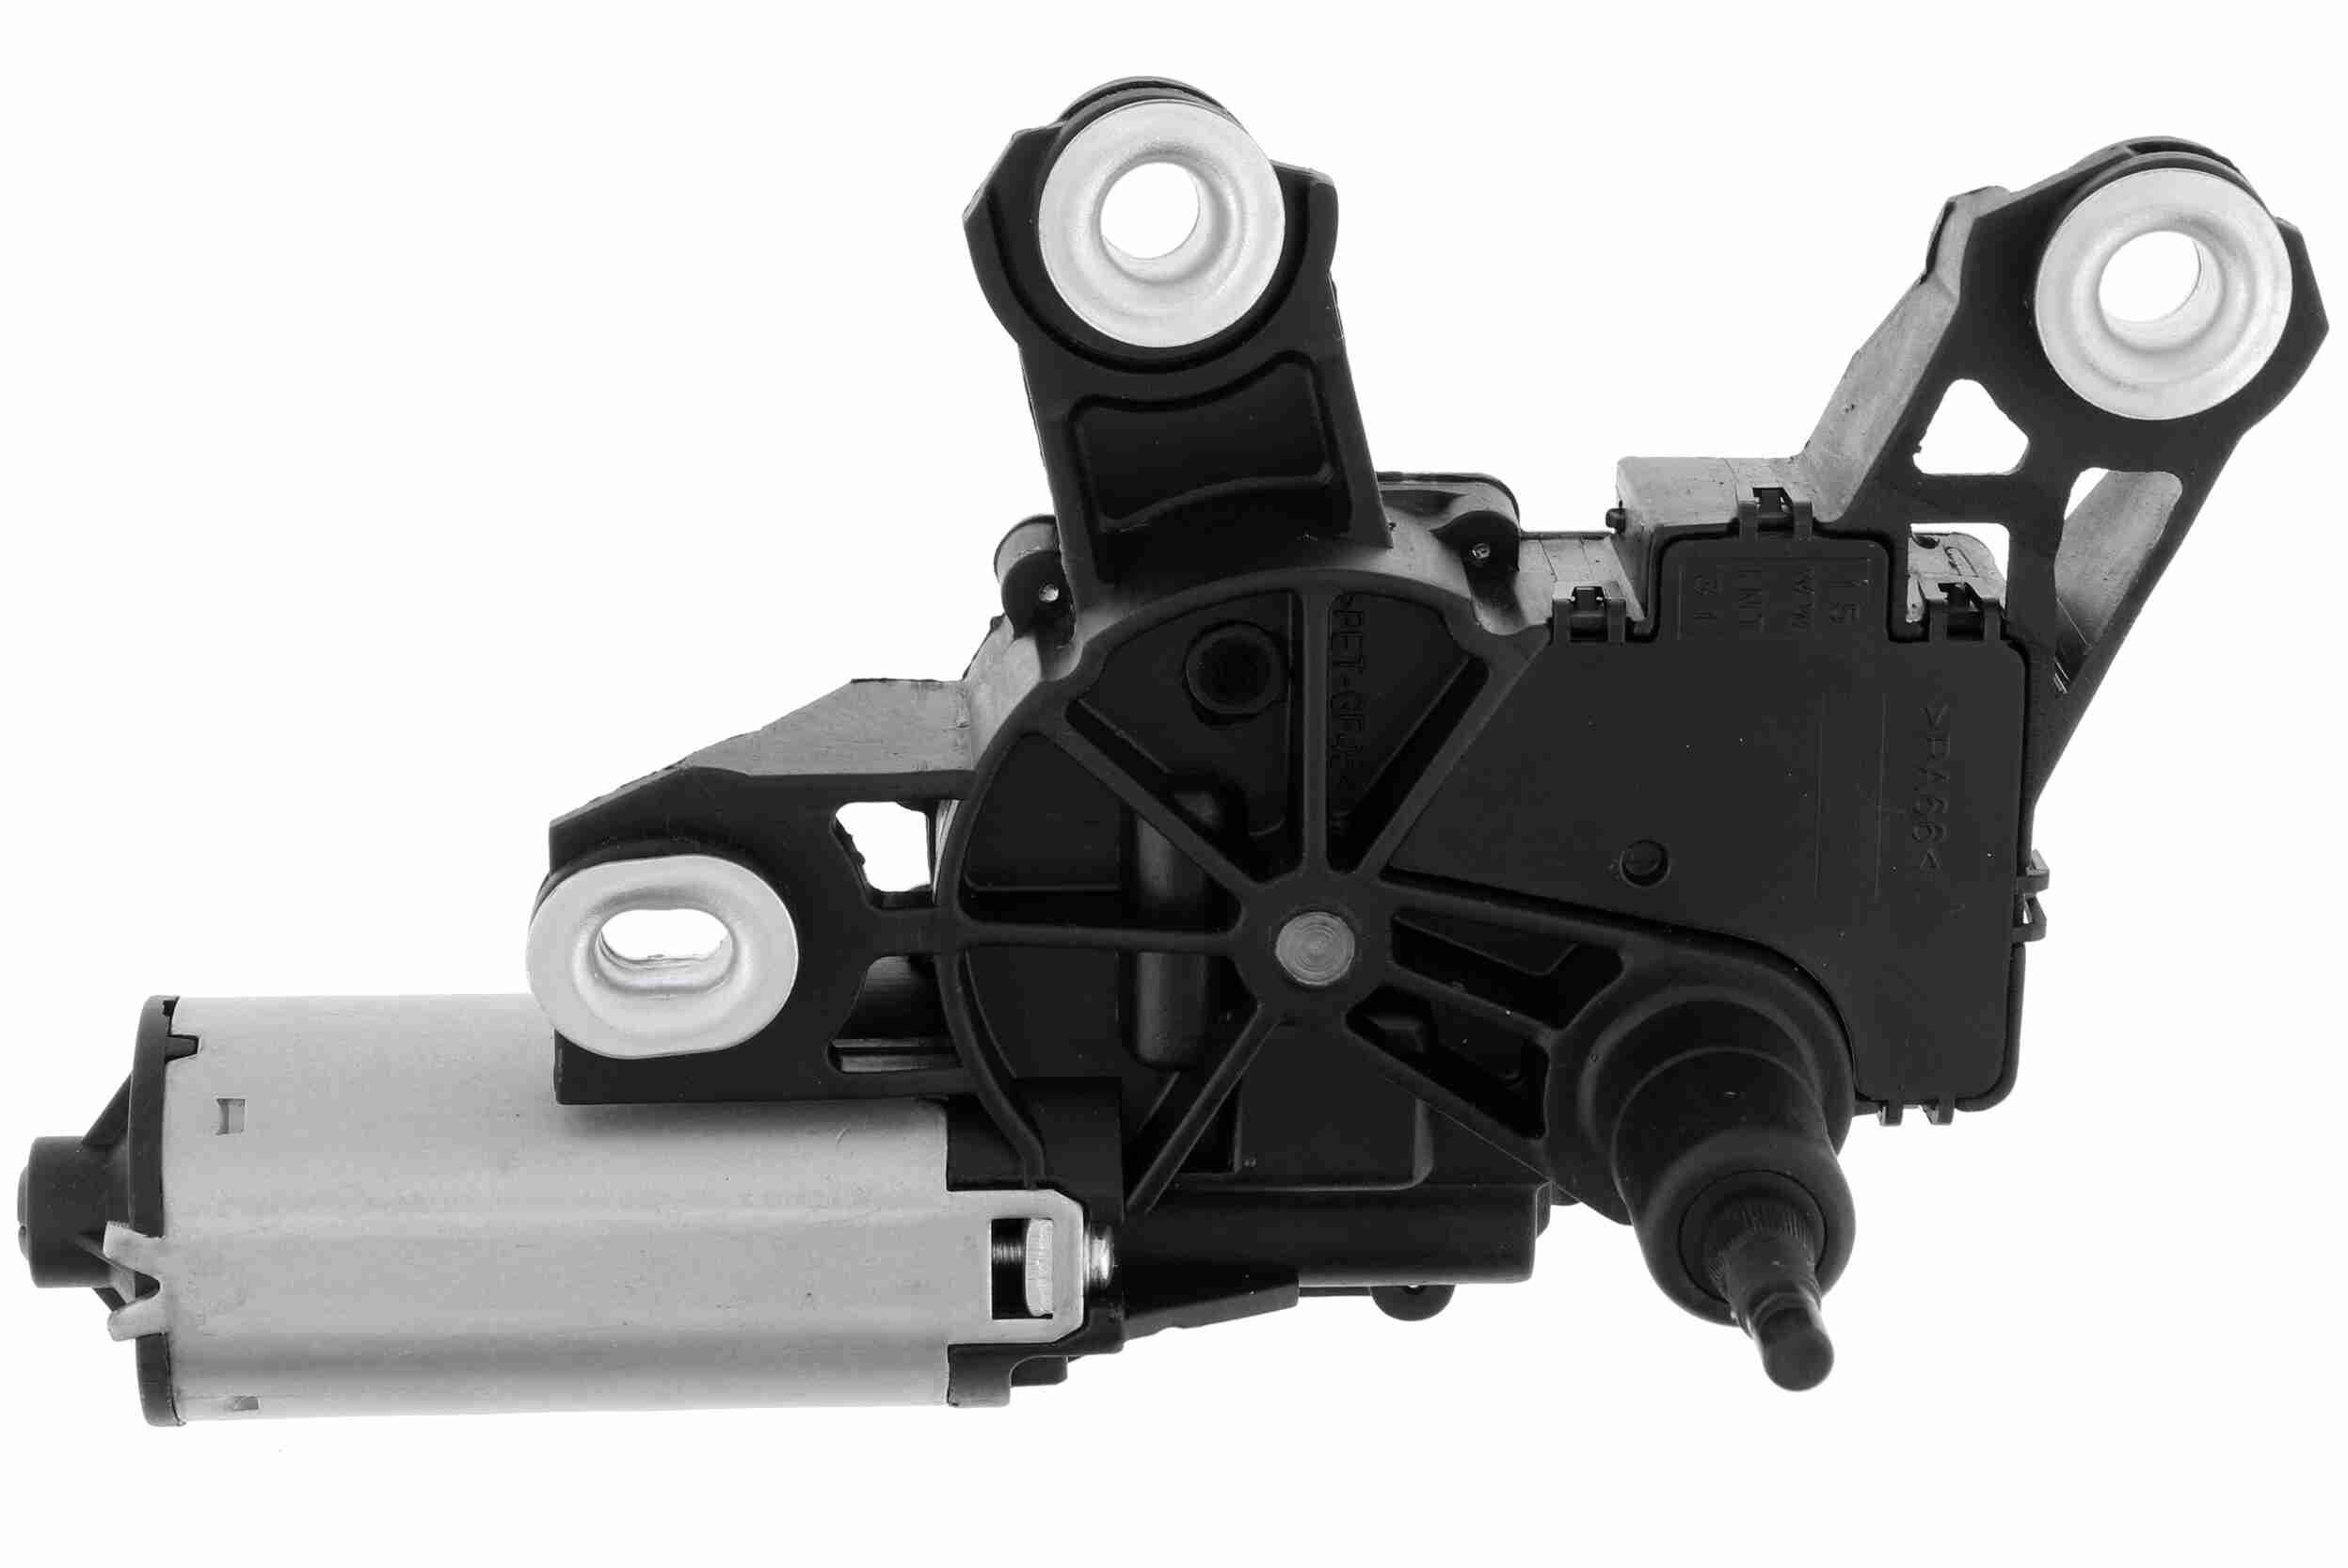 Originali Motore tergicristallo V10-07-0005-1 Seat